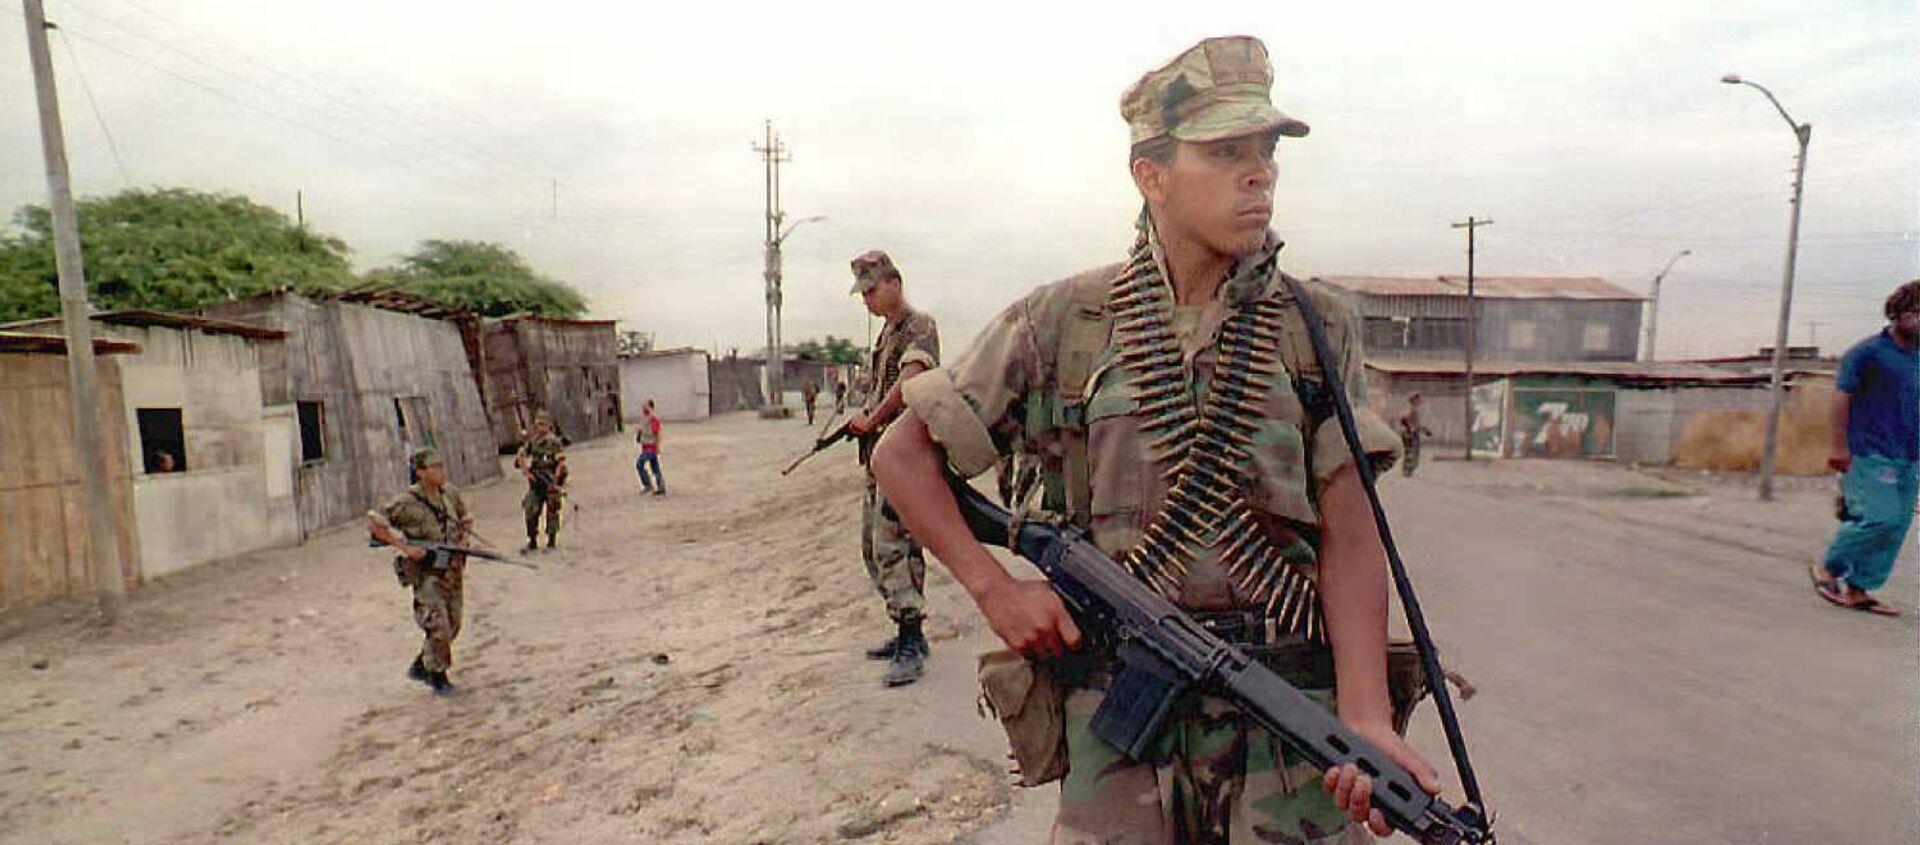 Soldados peruanos patrullan una ciudad cerca de la frontera con Ecuador, 1995 (imagen referencial) - Sputnik Mundo, 1920, 28.02.2020